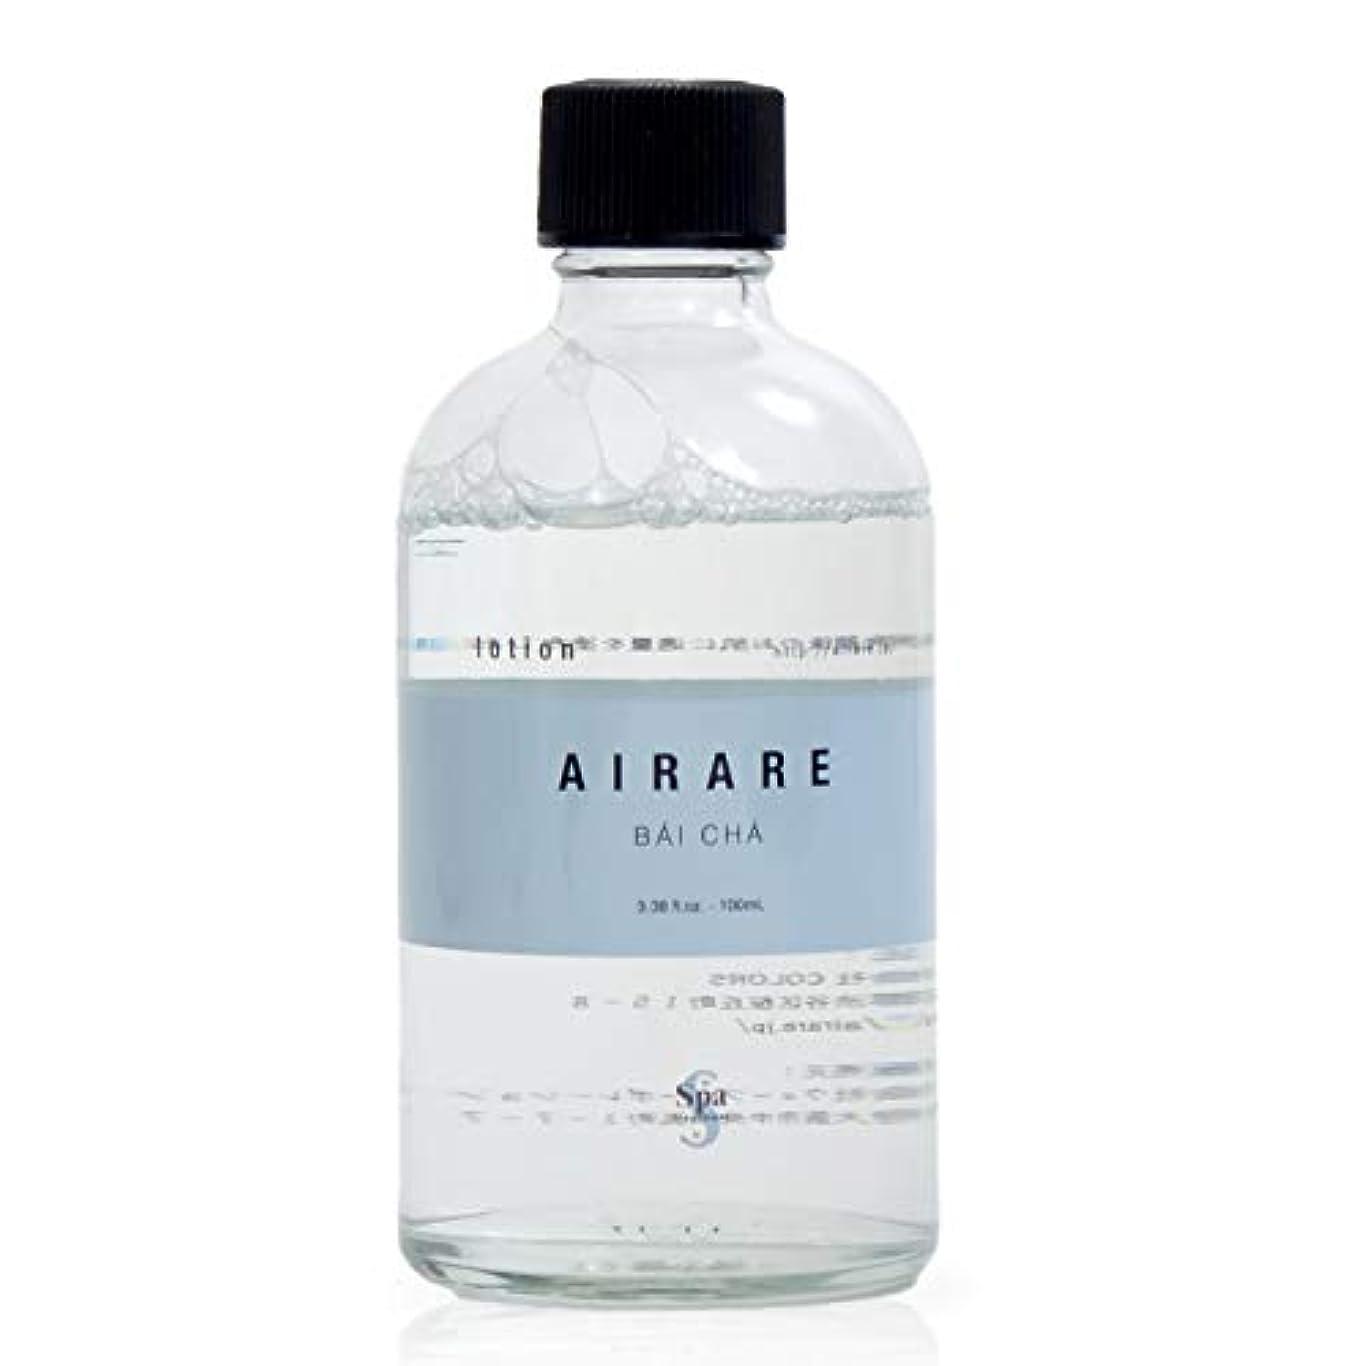 コーンランチョン奨励しますアール ローション 化粧水 AIRARE BAICHA 白茶と豊富なアルプスのミネラルを配合